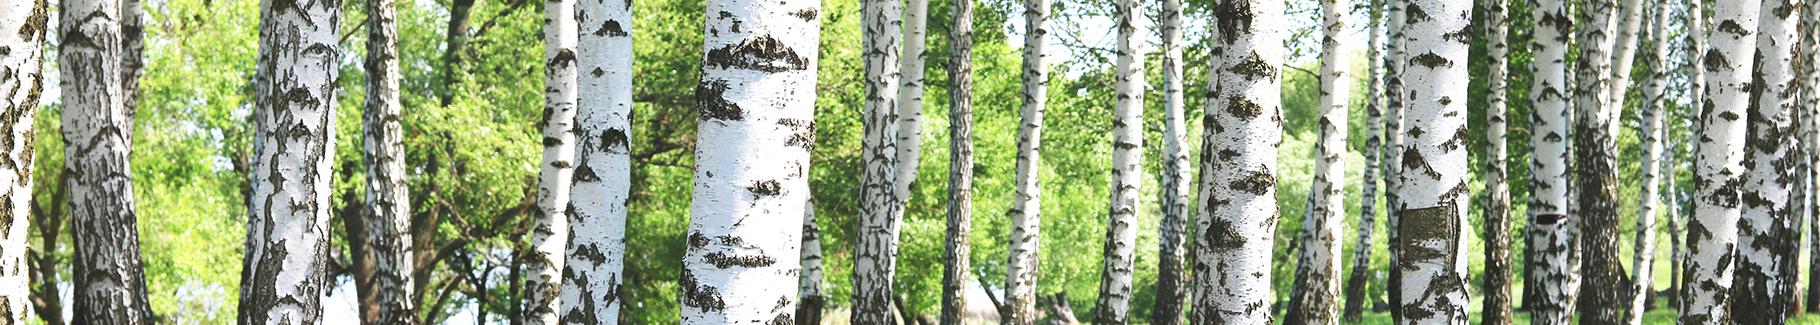 Fototapeta zielony las brzozowy